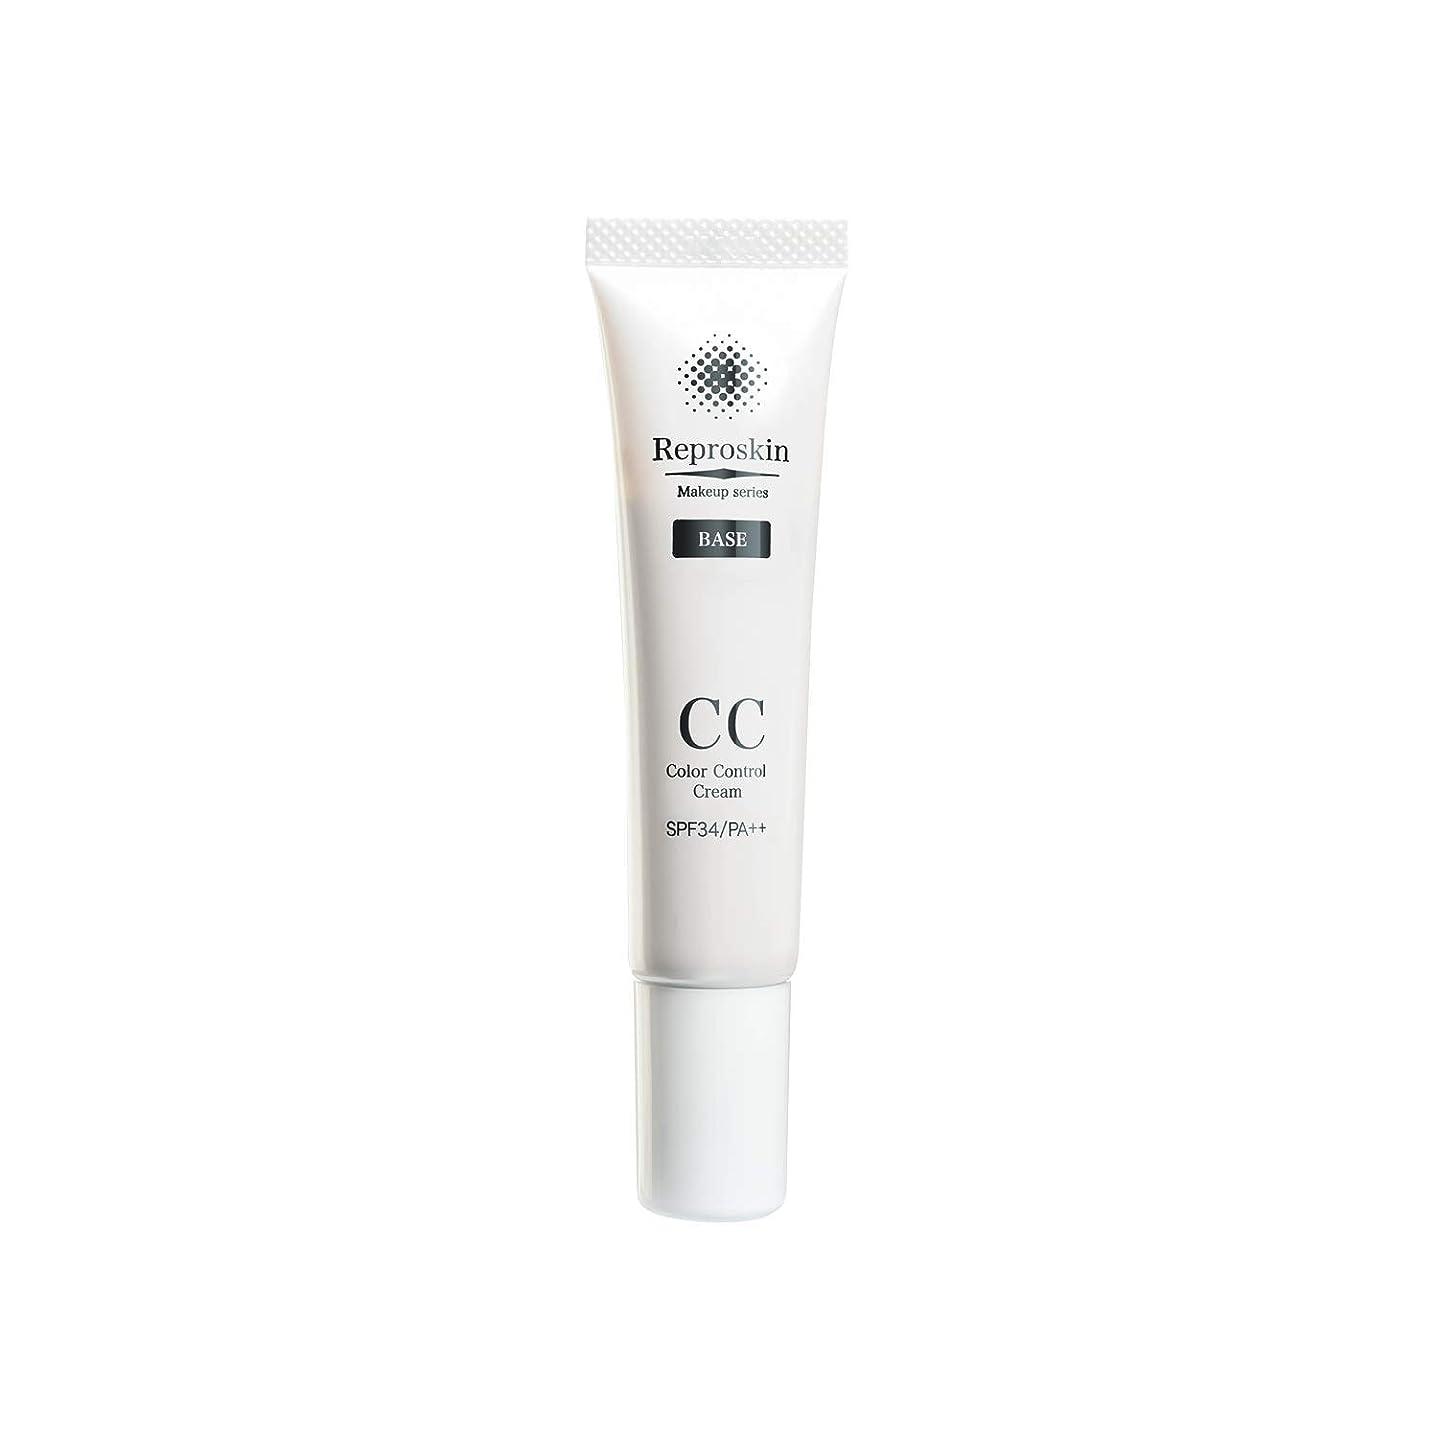 命令的やさしくクレアリプロスキン ベース CCクリーム SPF34 PA++ UV カット 20g